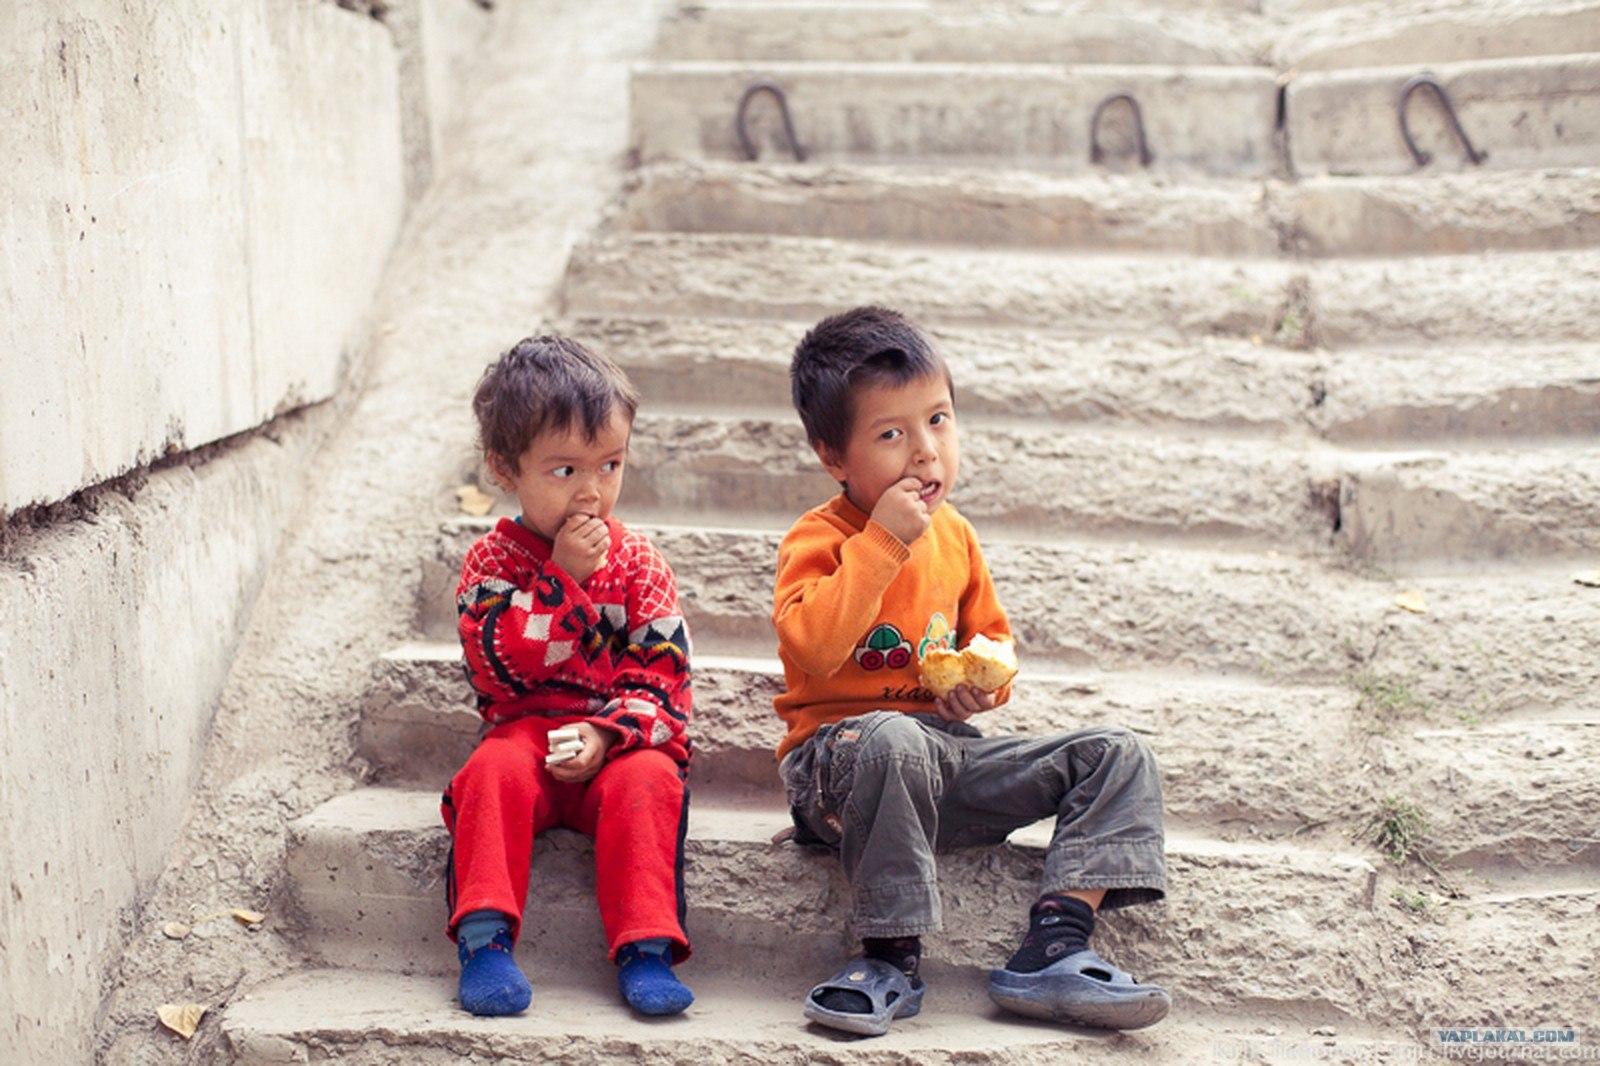 Картинки про дружбу таджикистан